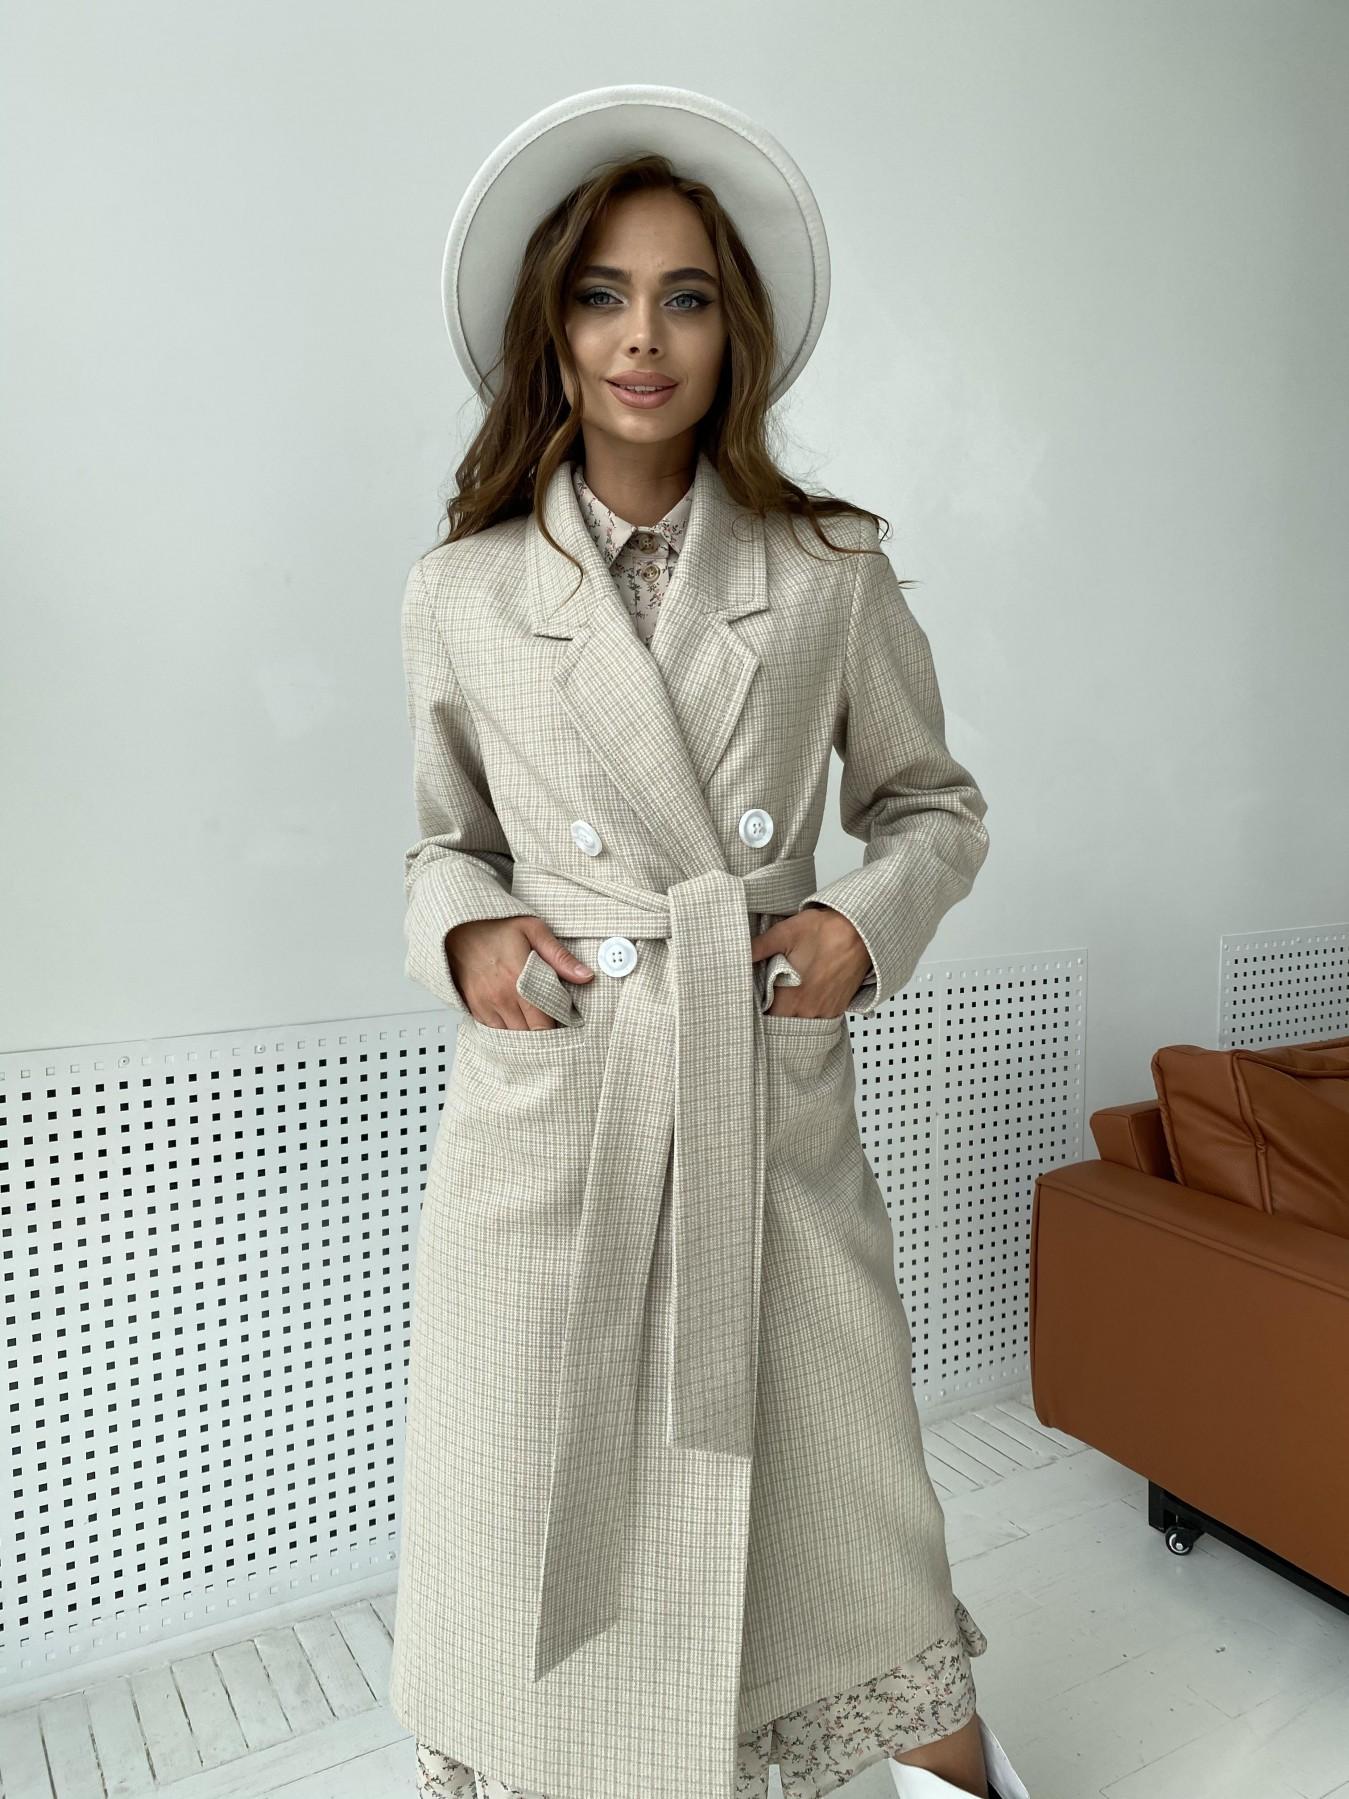 Статус пальто из тонкого кашемира в клетку 11780 АРТ. 48520 Цвет: Бежевый/молоко/КлетМел - фото 2, интернет магазин tm-modus.ru